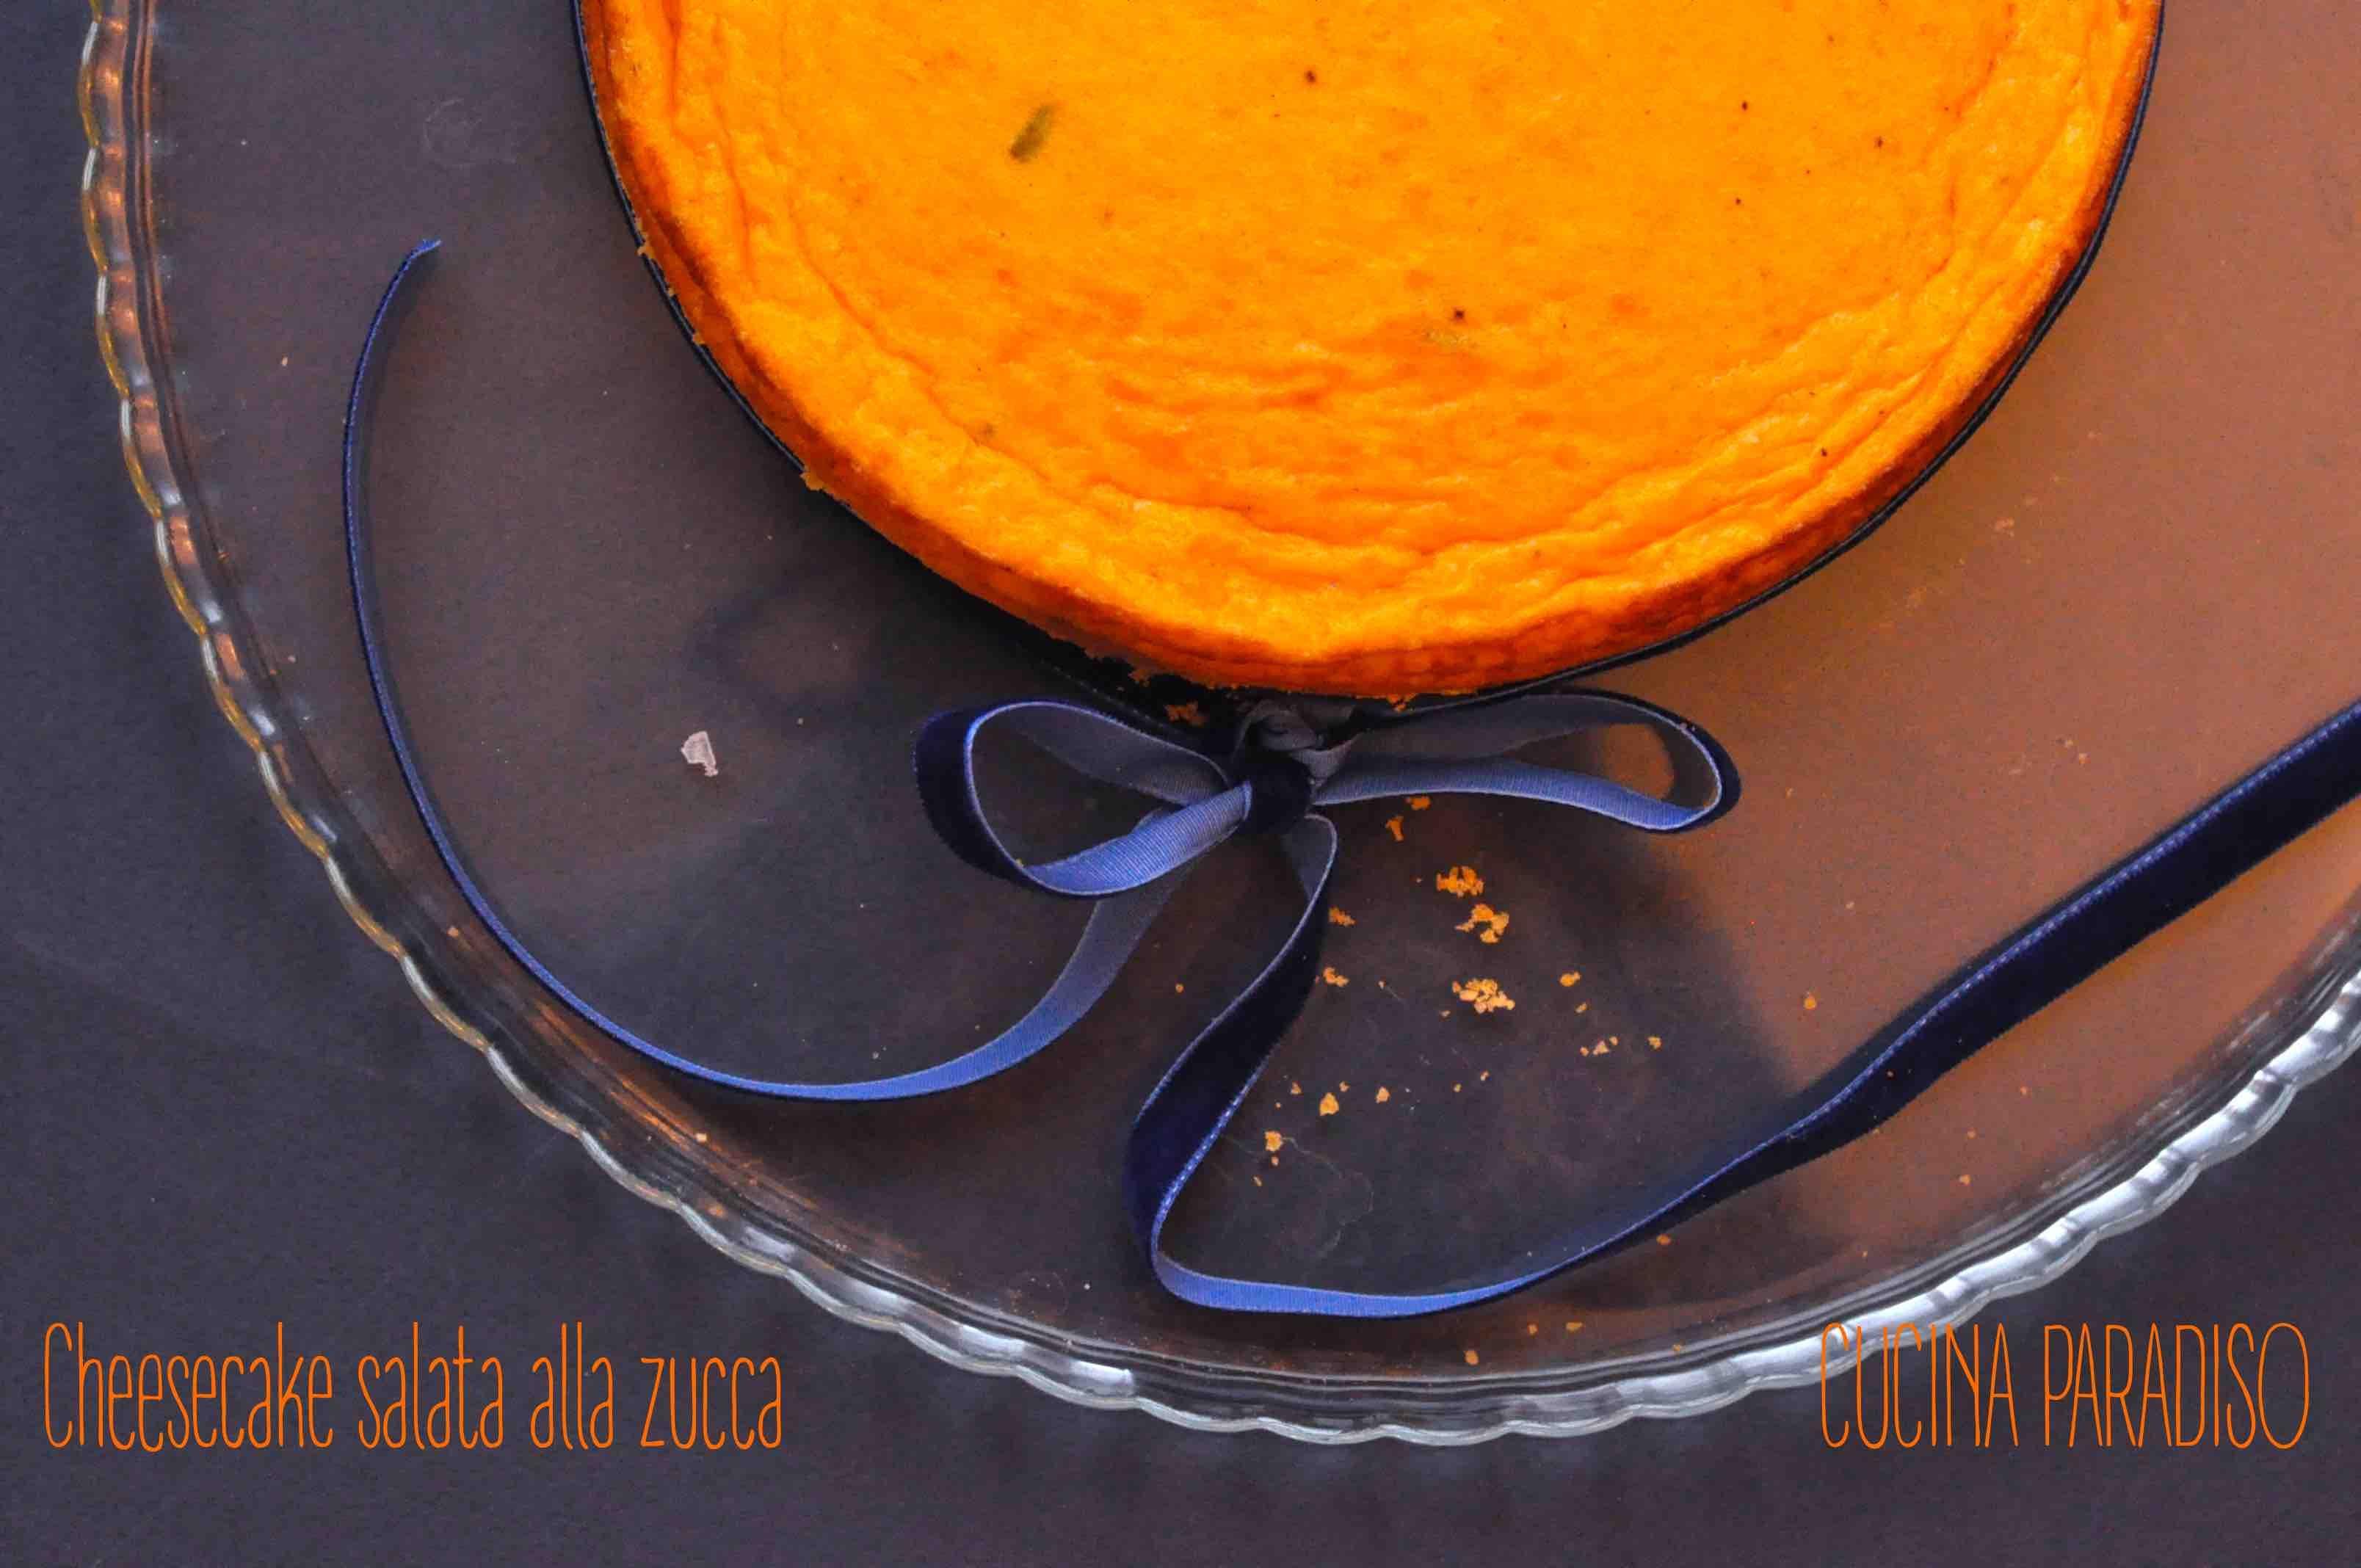 Cheesecake salata alla zucca #cucinaparadiso #zucca #cheesecake